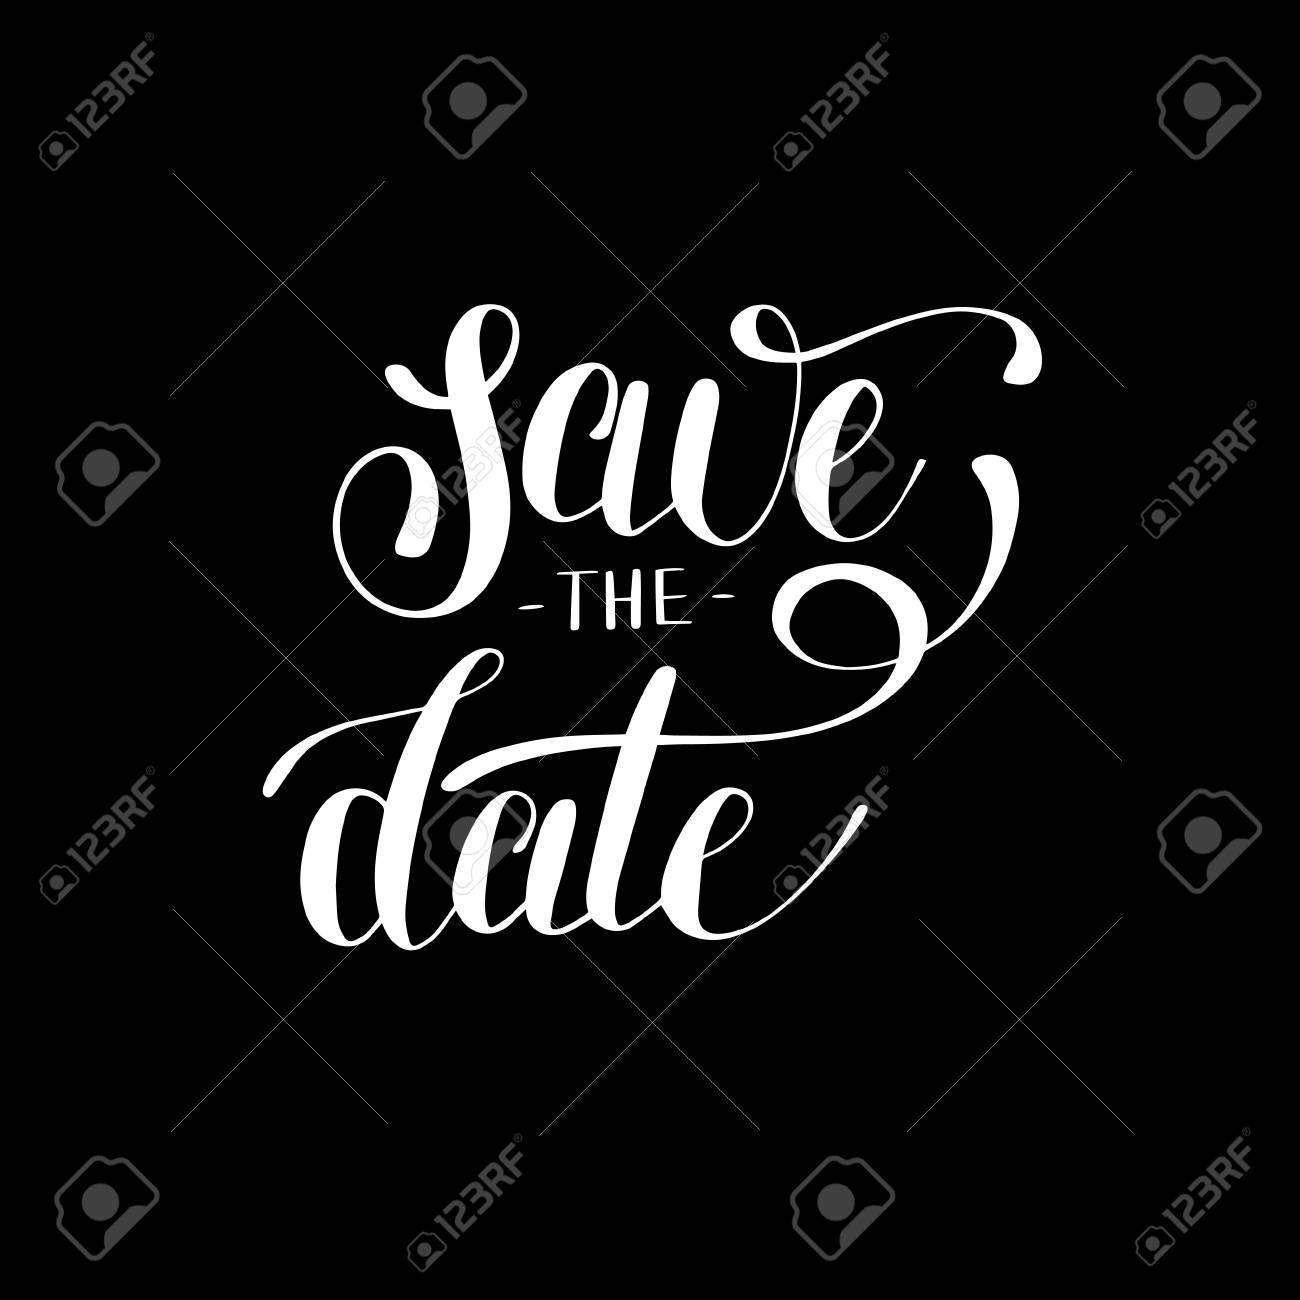 Salvar A Data Preto E Branco Mão Lettering Cartaz De Tipografia De Inscrição Frase Conceitual Ilustração De Caligrafia Moderna De Casamento